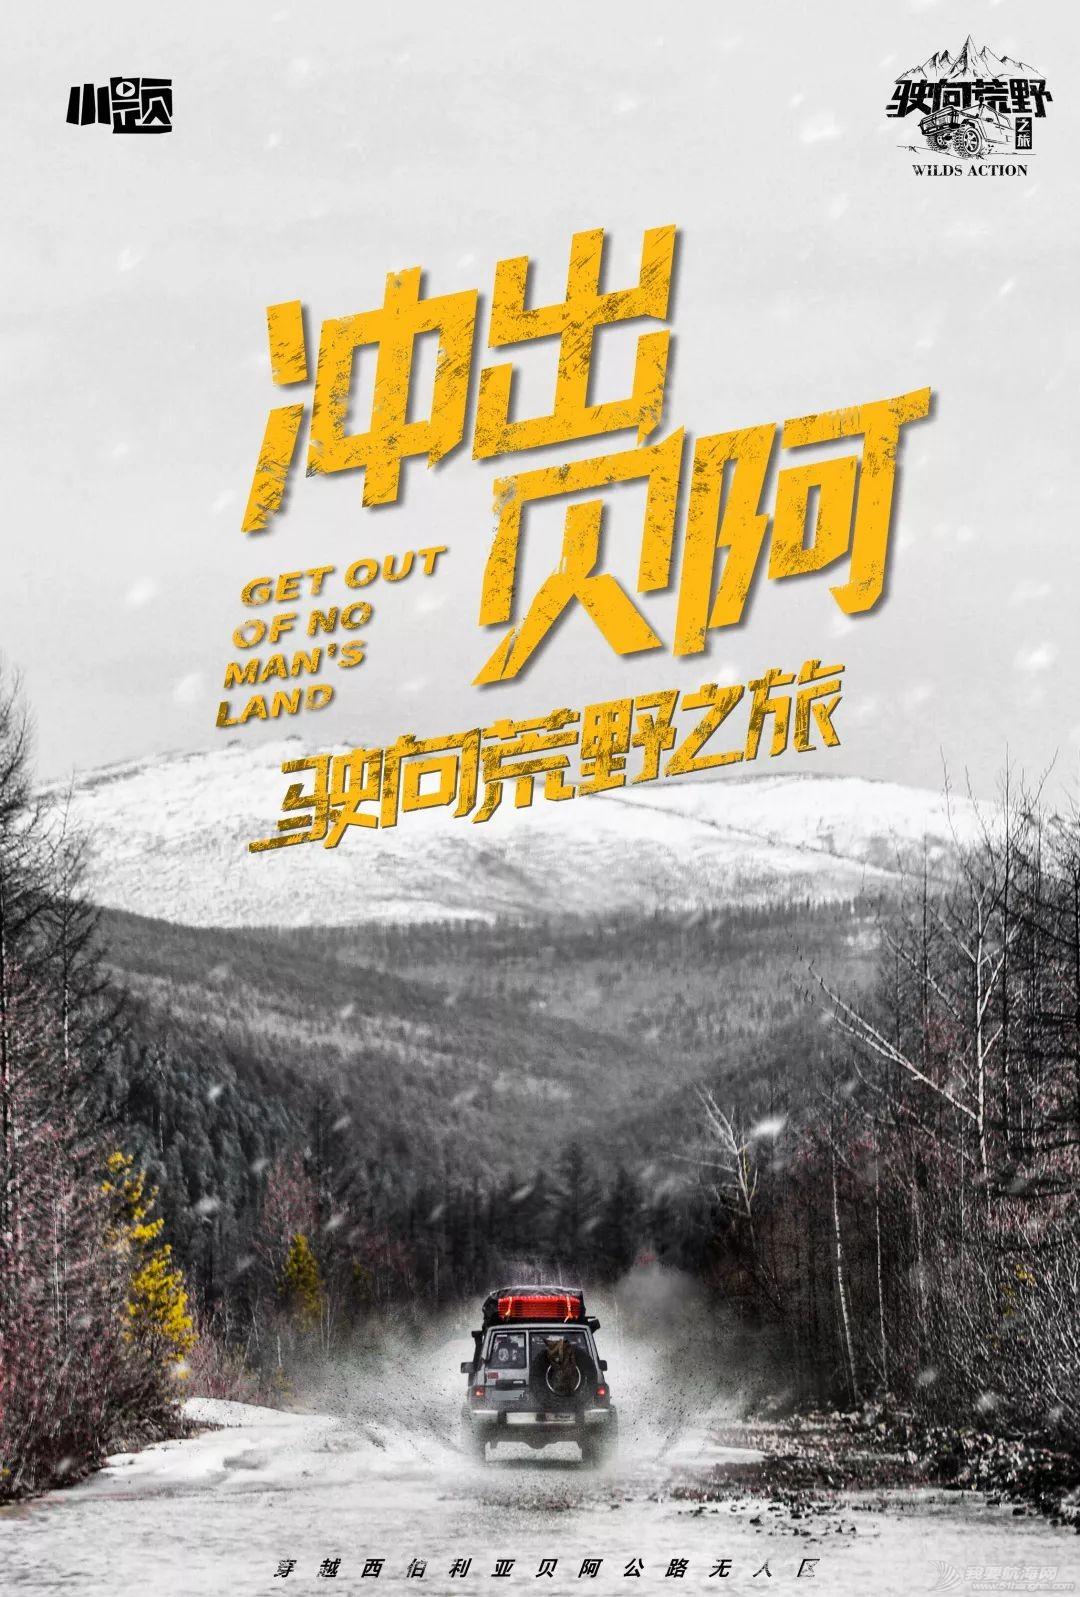 三亚号《乘风天涯》纪录片入围2019南山国际山地电影节!w31.jpg